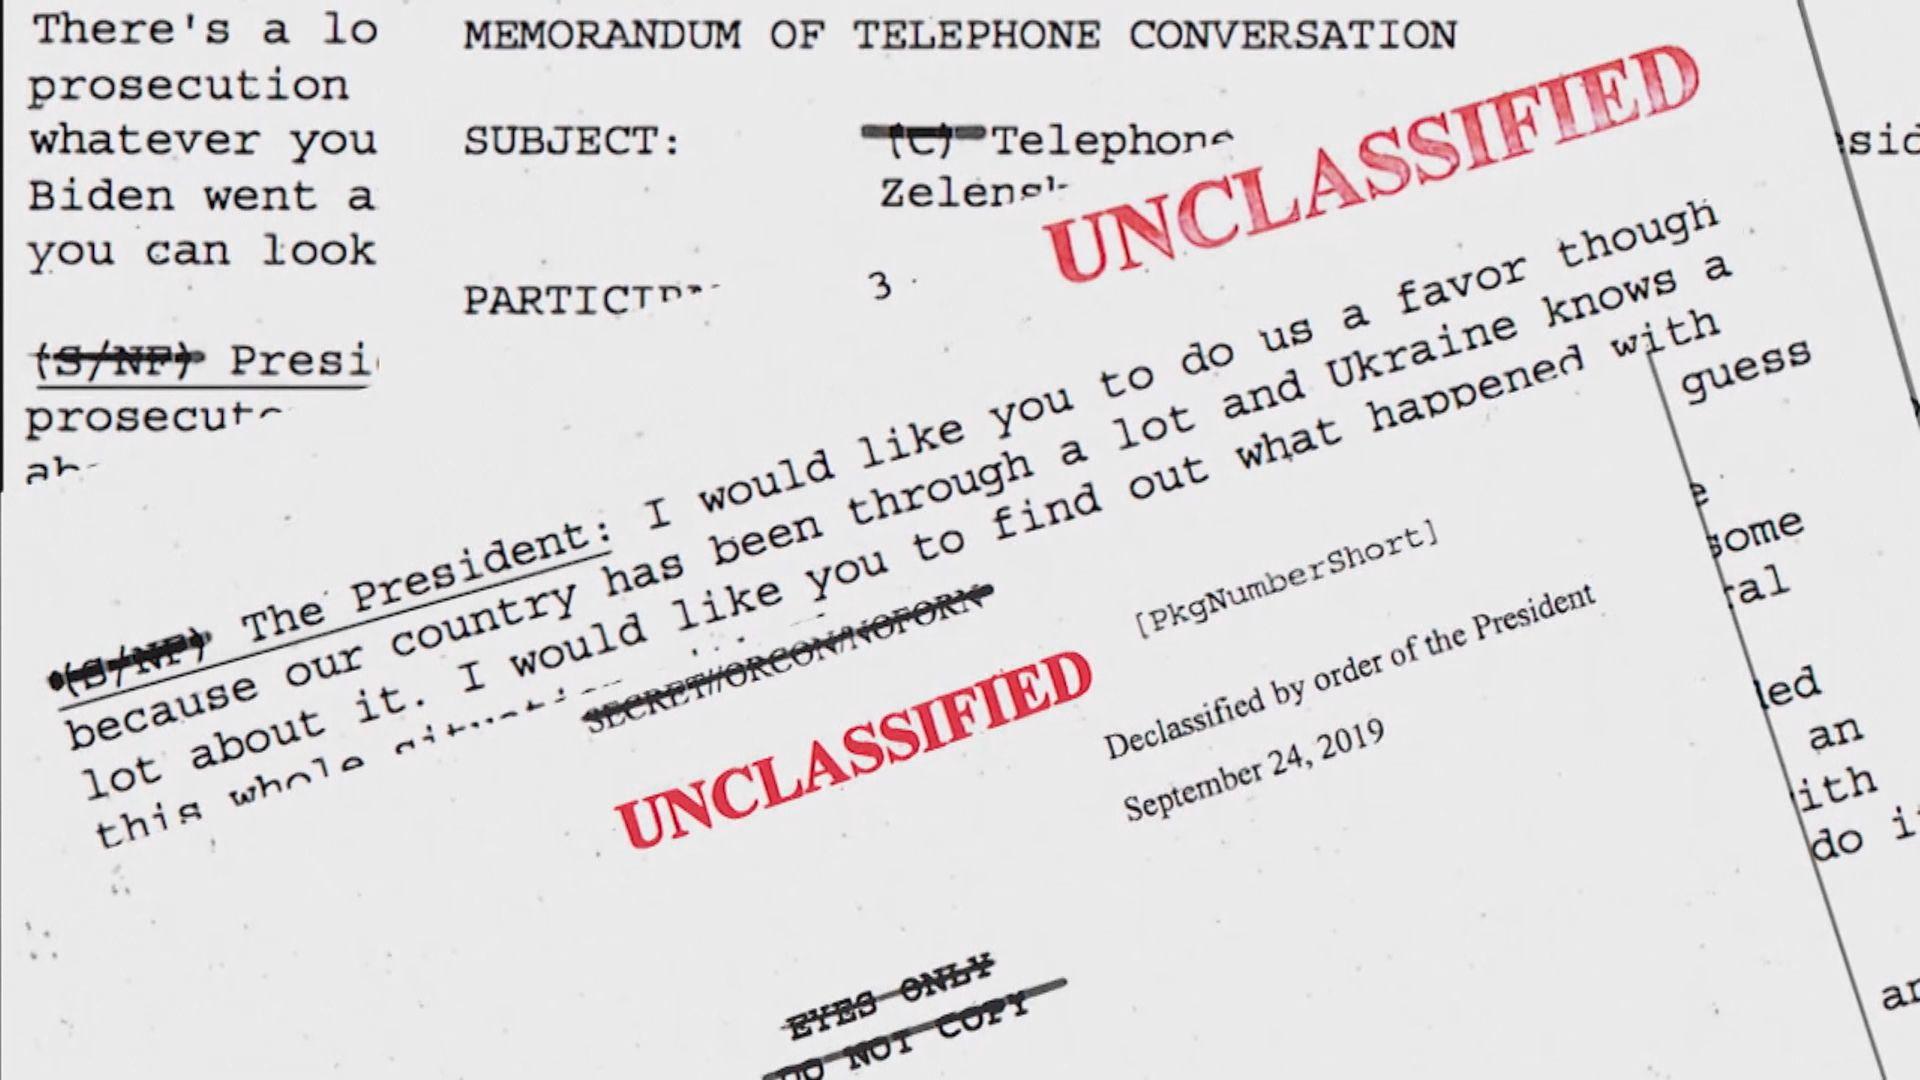 通話紀錄顯示特朗普要求烏克蘭調查拜登父子